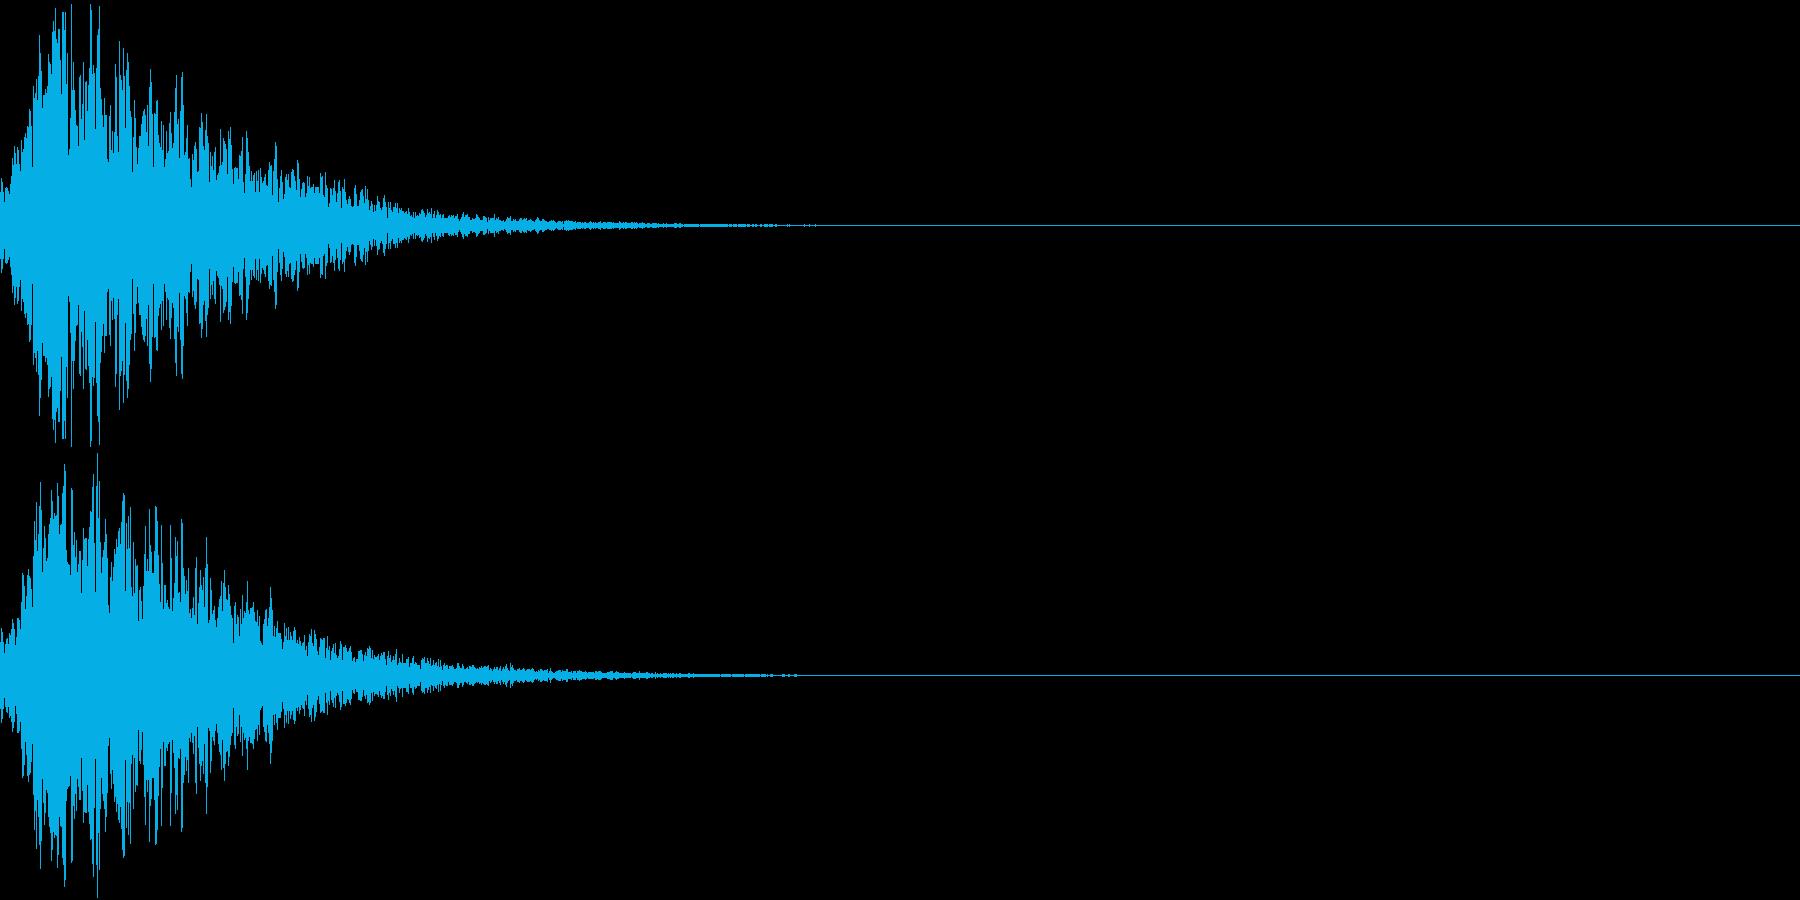 キュイン 光 ピカーン フラッシュ 13の再生済みの波形